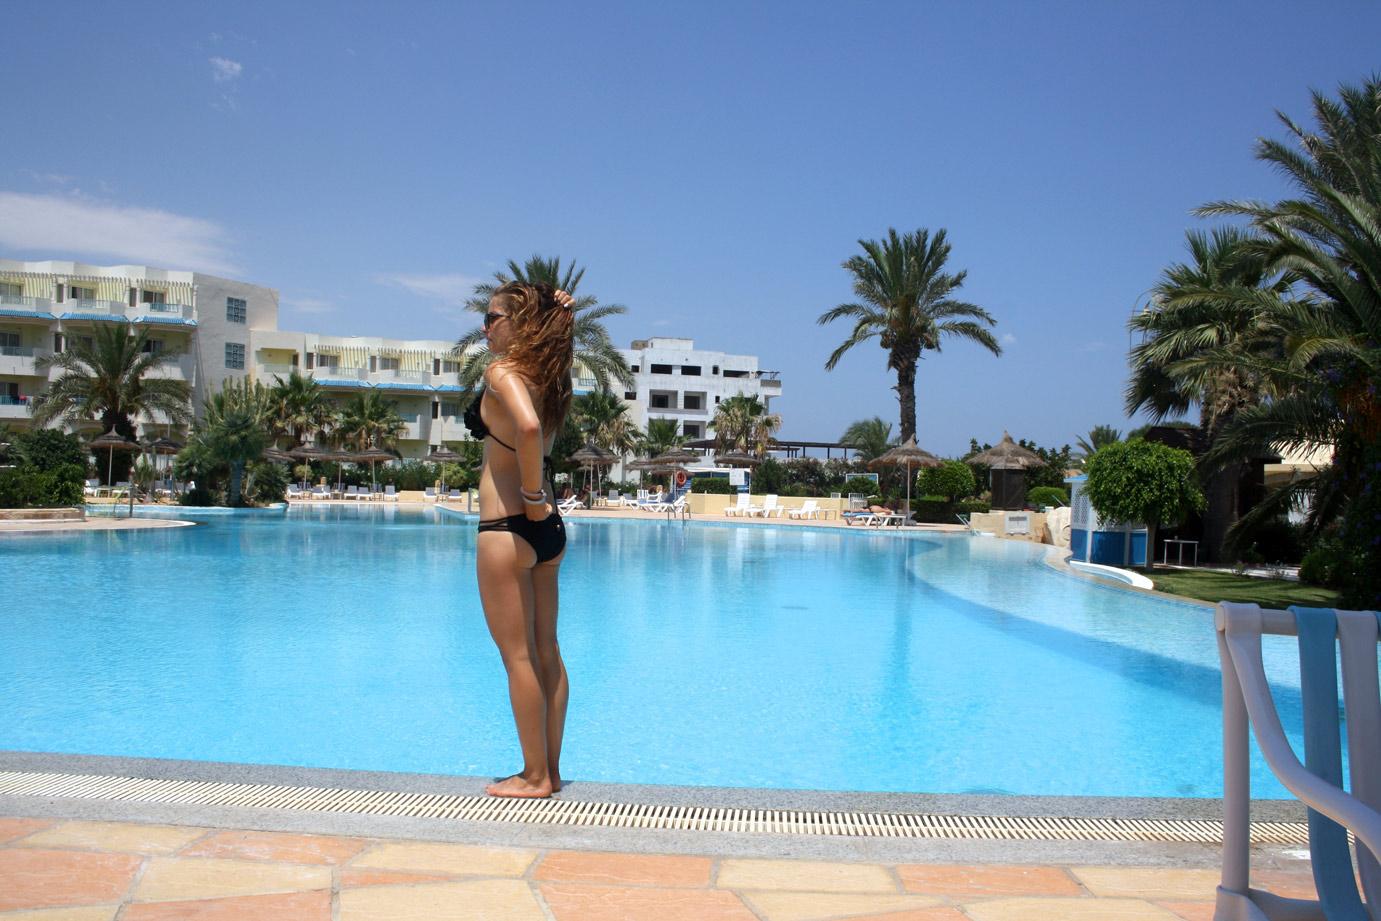 TUNISIA: PHOTO DIARY I. 10